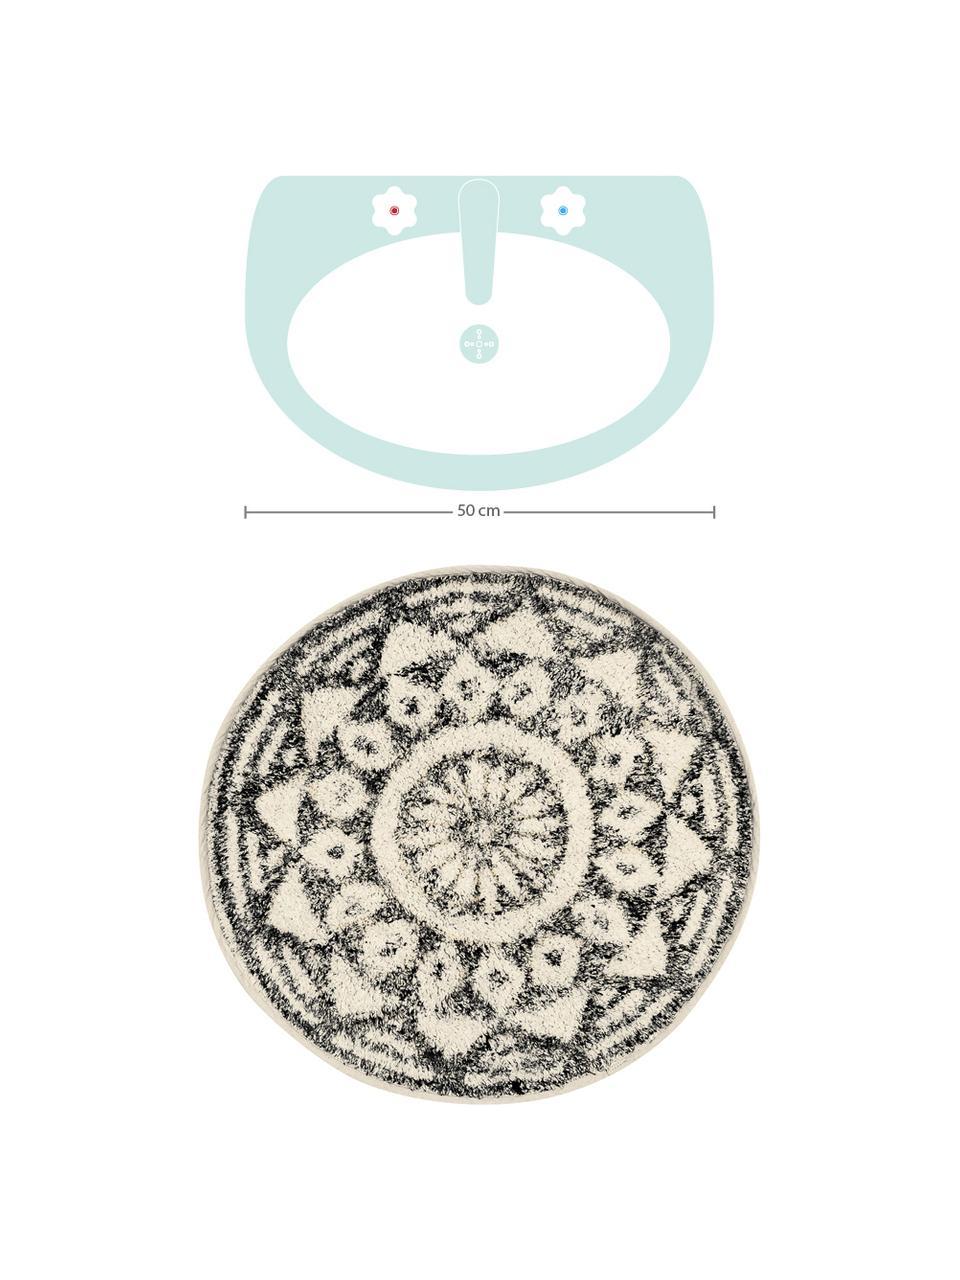 Runde Badematte Gaile im Boho Style, rutschfest, Flor: 100% Baumwolle, Vorderseite: Cremefarben, Grau meliertRückseite: Cremefarben, Ø 60 cm